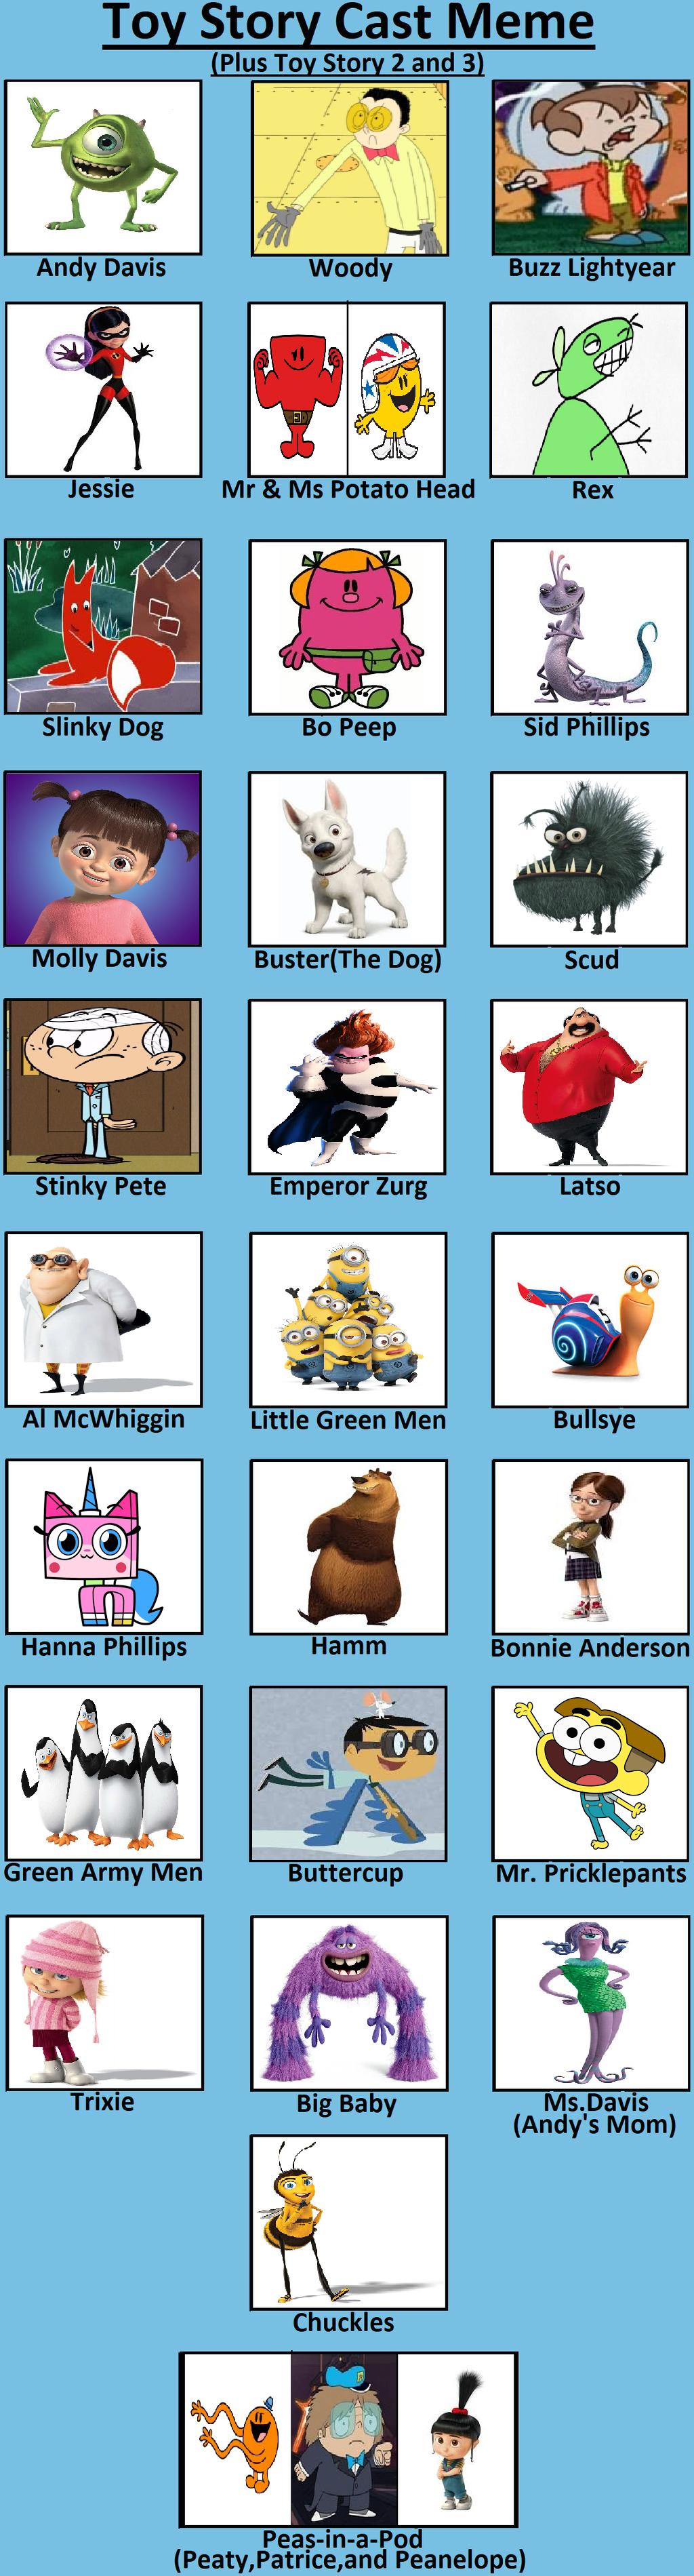 Toy Story Cast Meme By Blaze On Fire On Deviantart